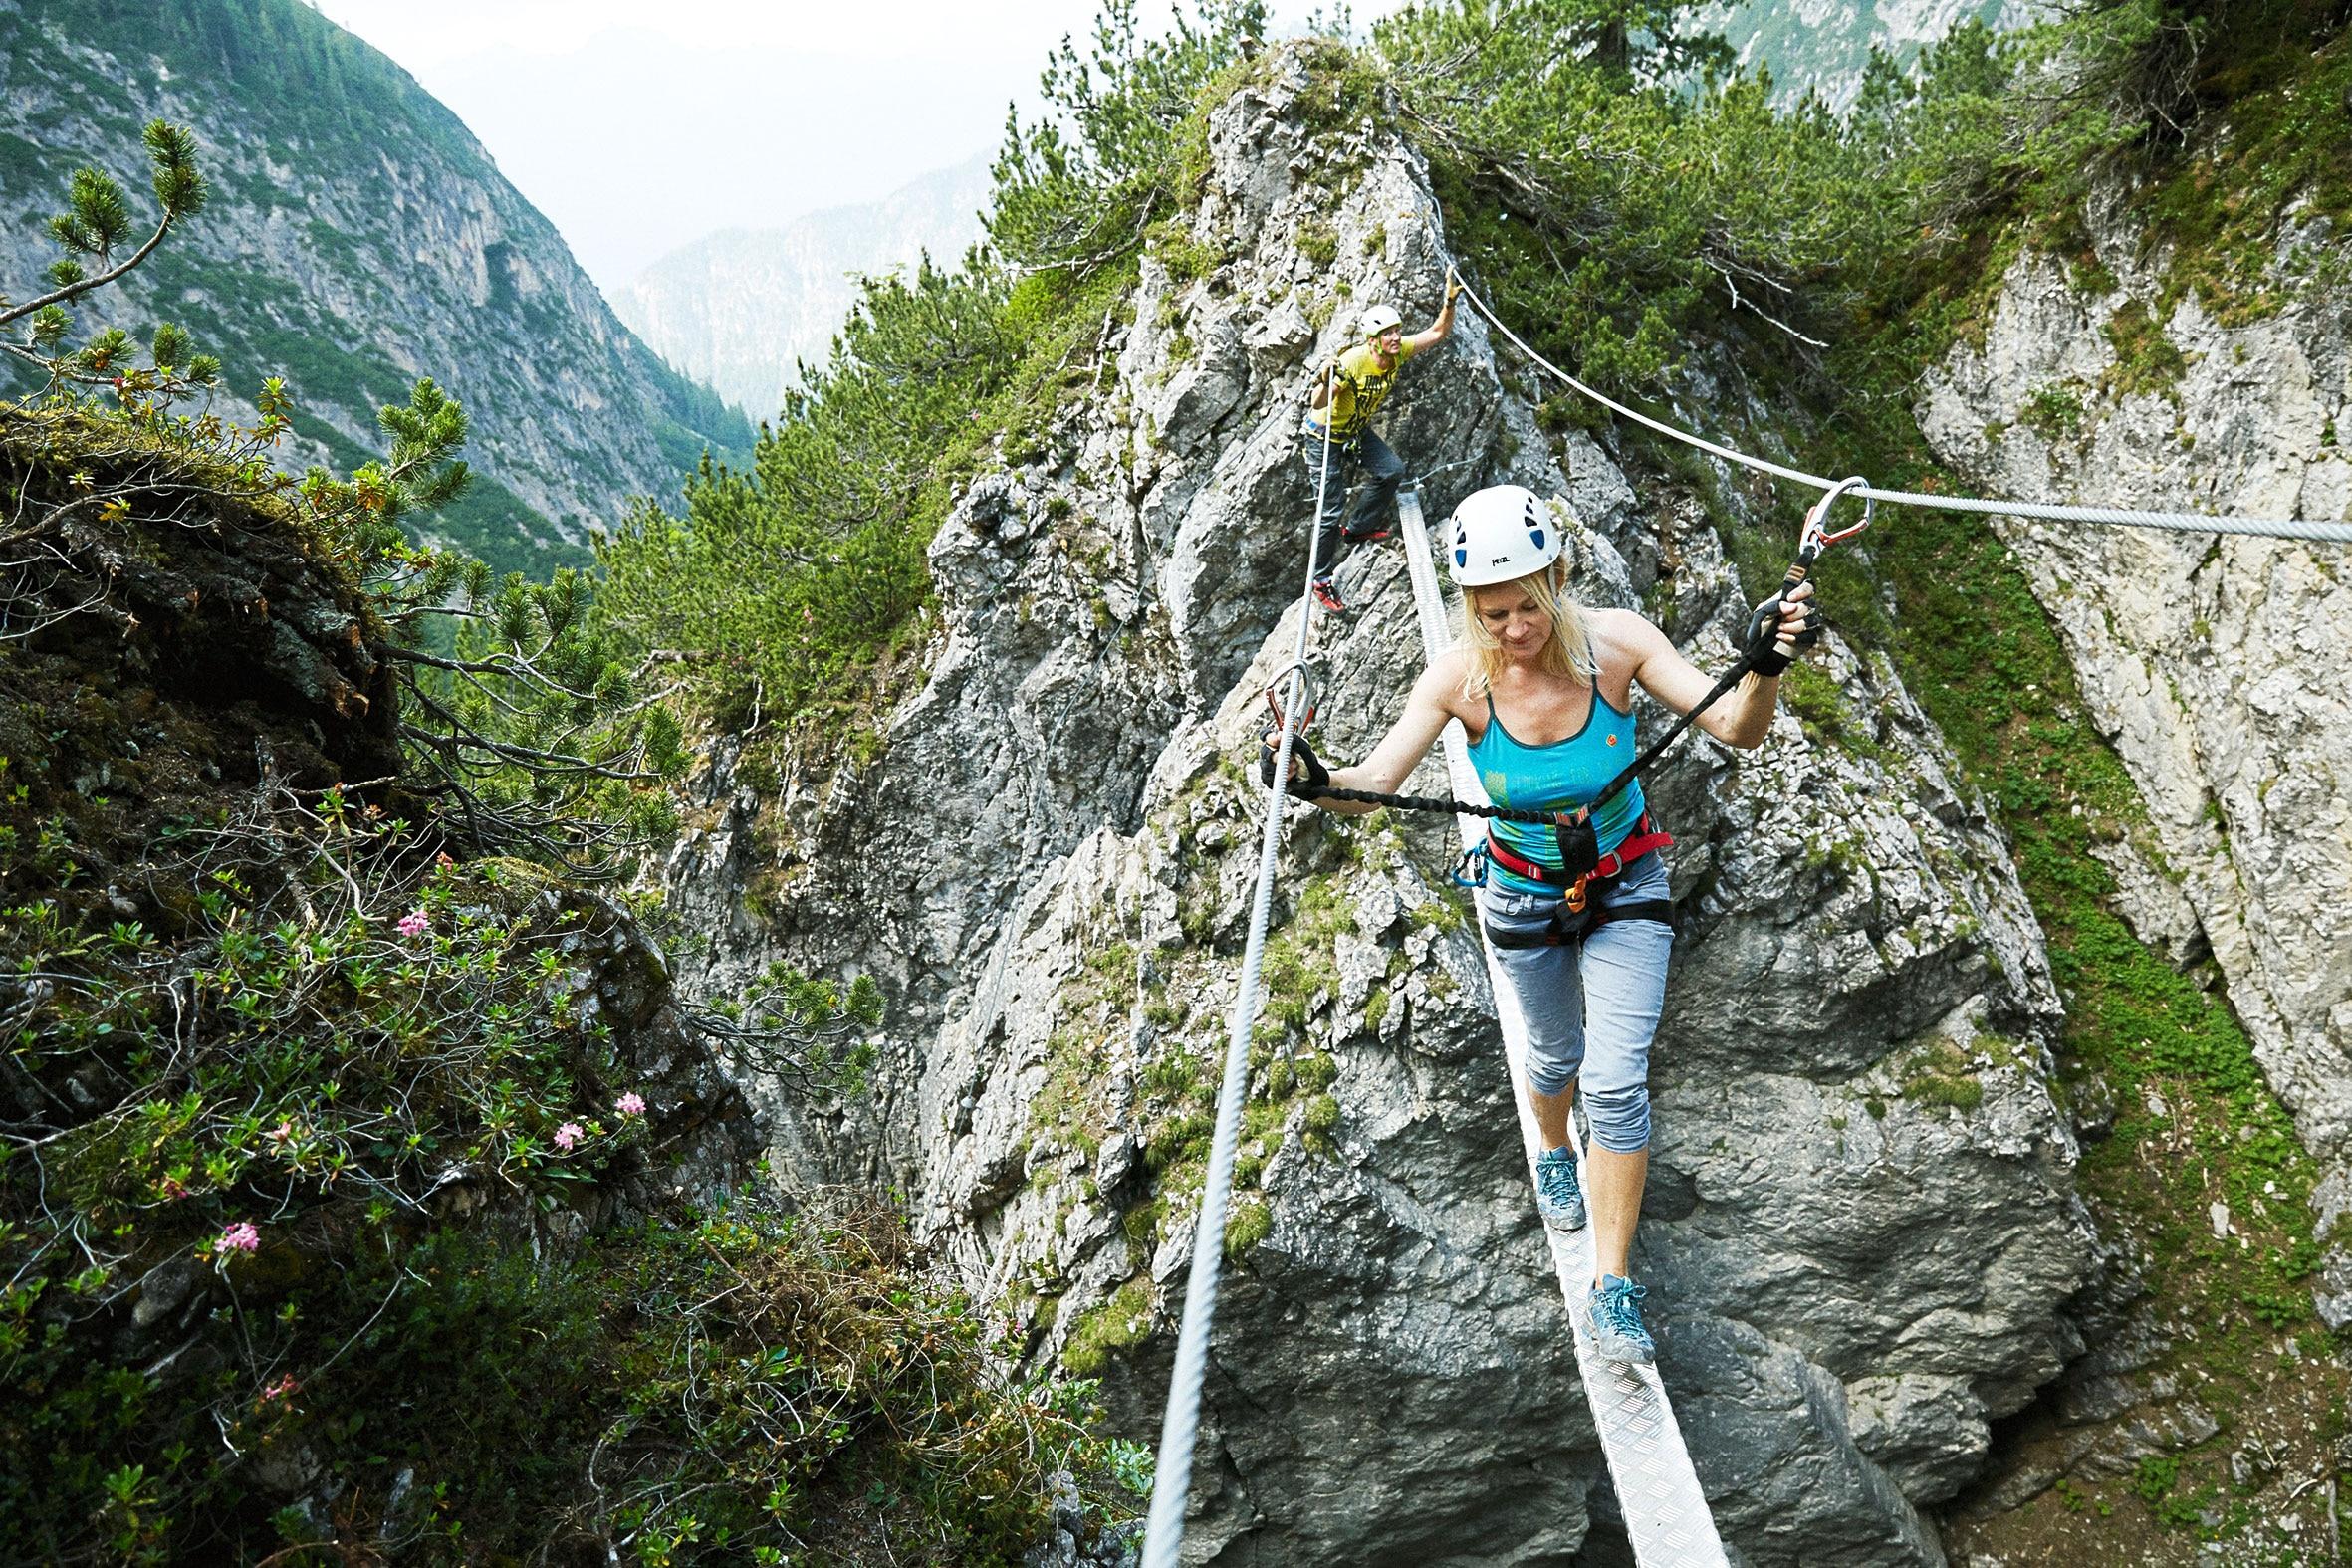 Klettersteig Lienz : Check der klettersteig u everborgene weltu c d bergwelten